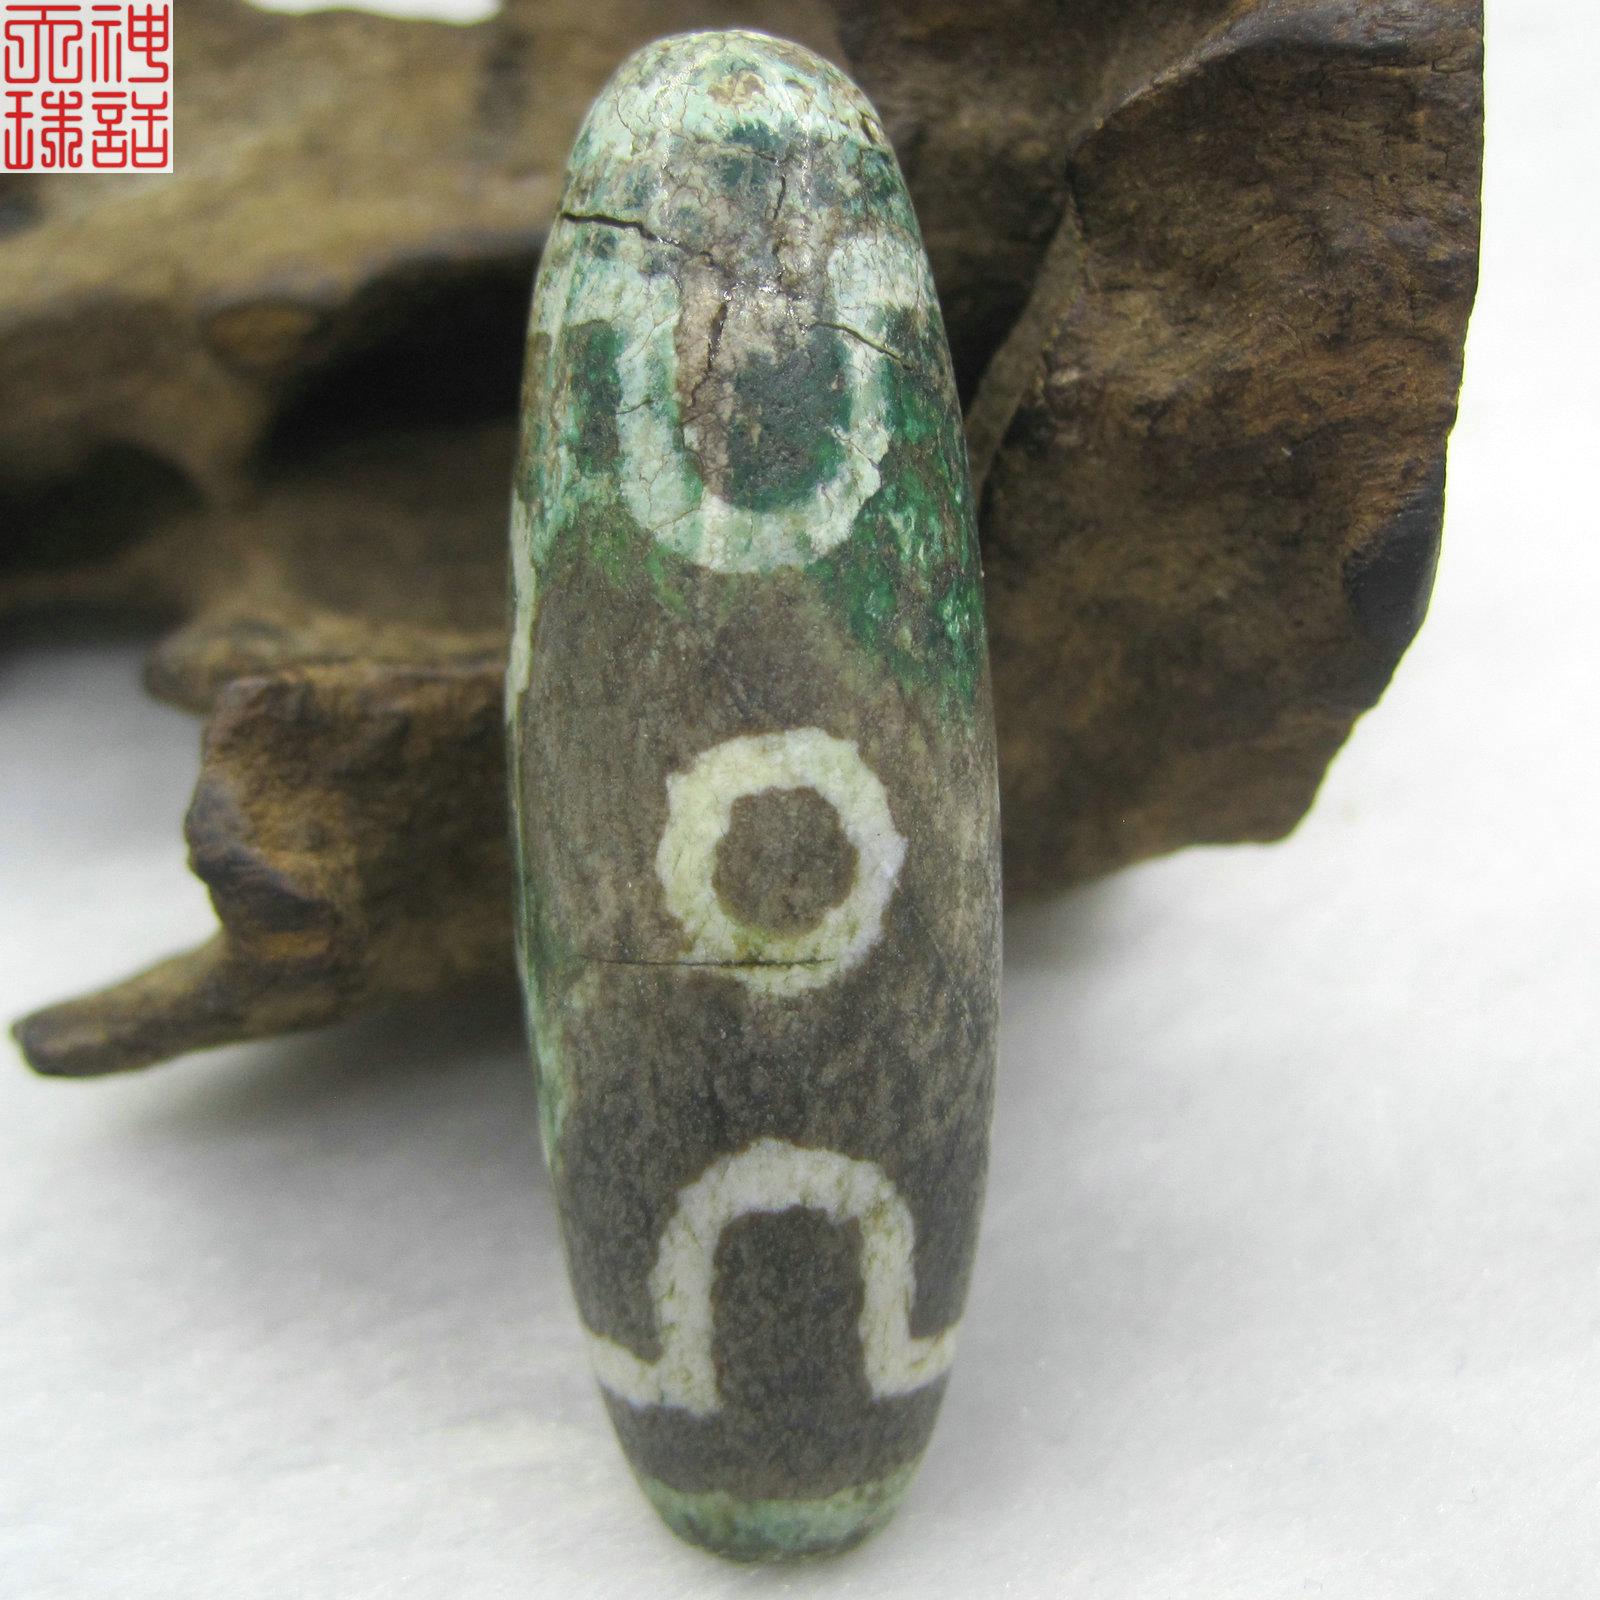 Открыто тибет биография будда учить тысячелетие страница рок семь глаз бог жемчужина тибет бог жемчужина подлинность бог жемчужина шея украшения